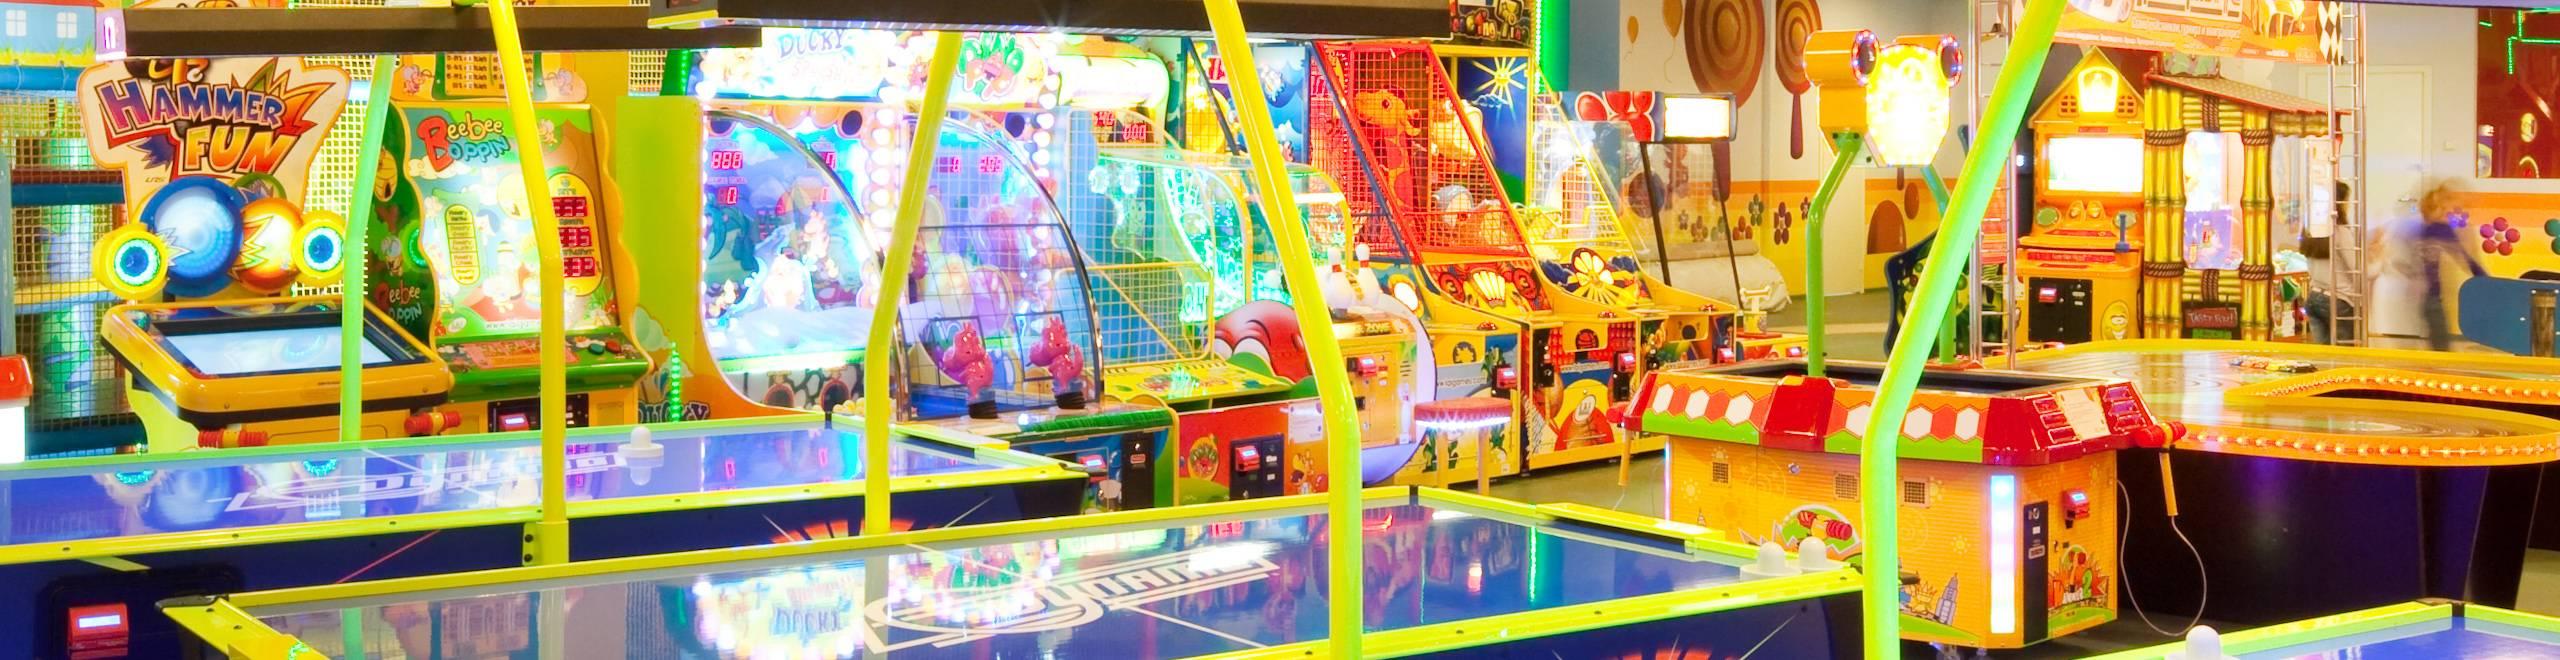 Игровые аппараты м.люблино игровые автоматы мери крисмас